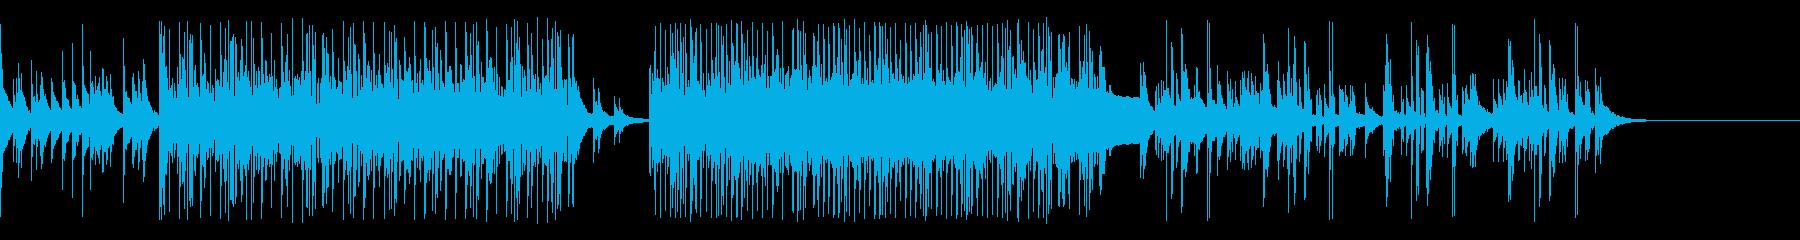 クリスマスイブイブくらいにさくっとつく…の再生済みの波形